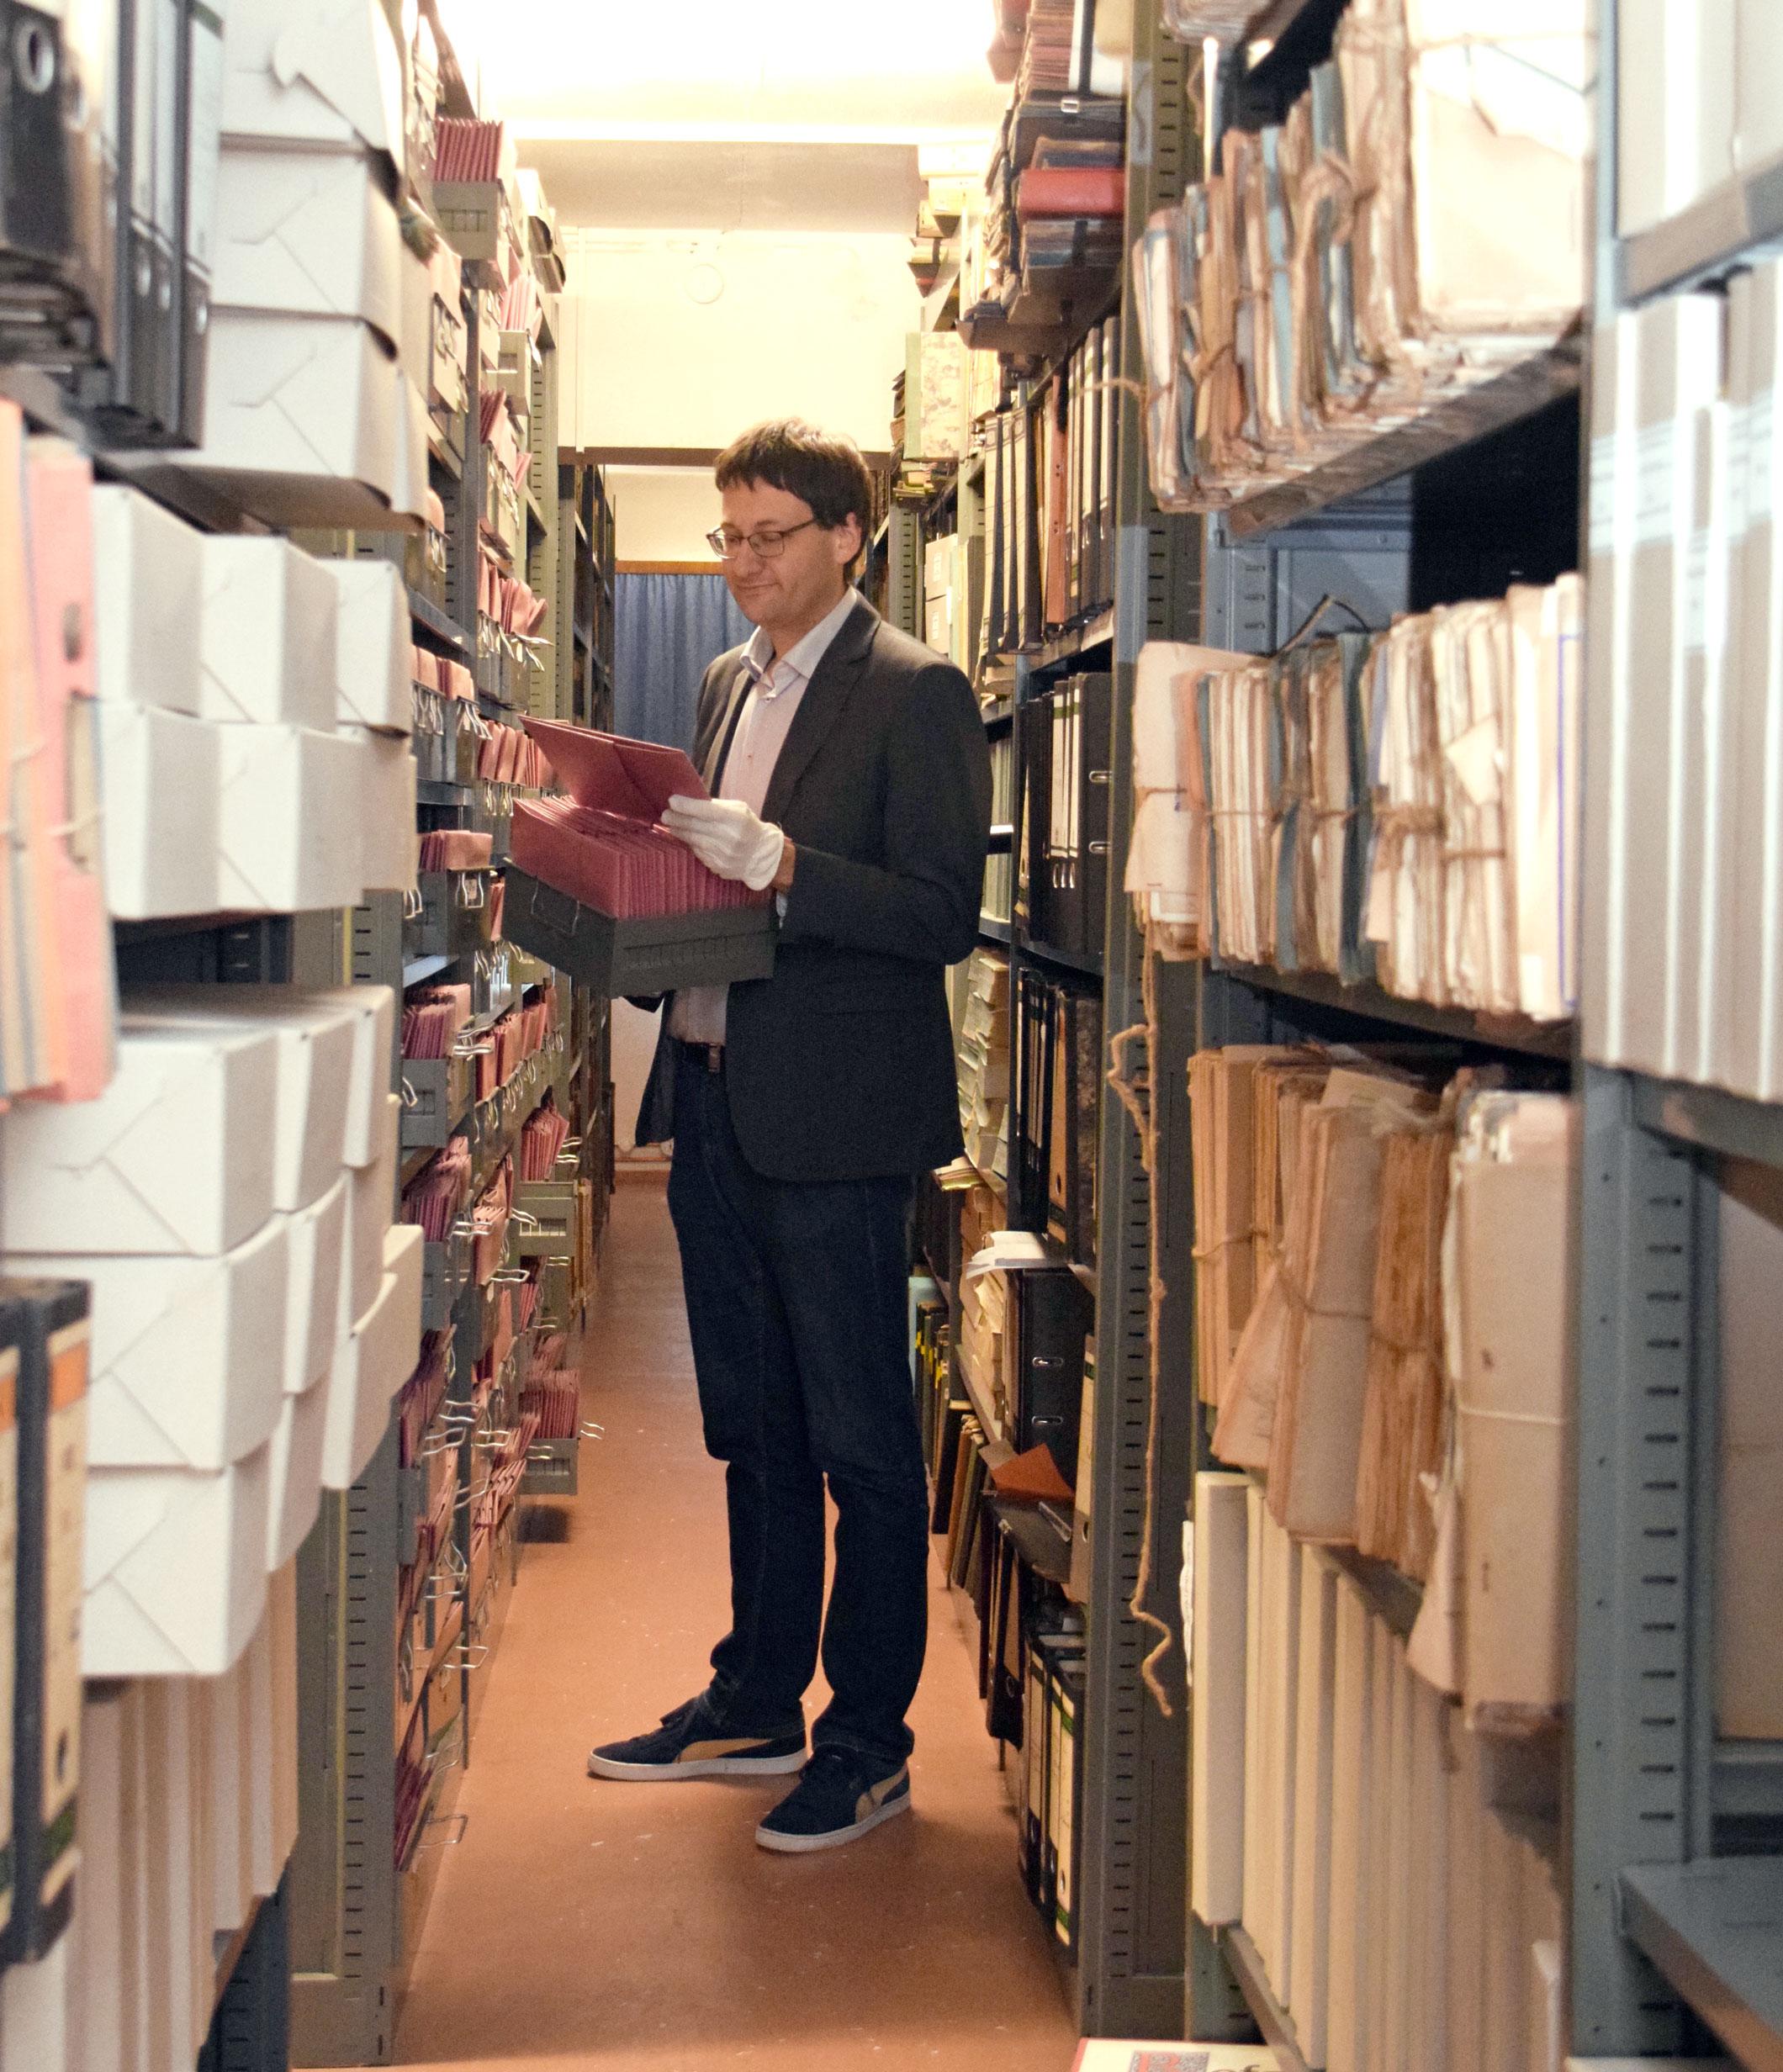 Stadtarchivar Dr. Florian Huggenberger im Magazin: In den Papierumschlägen befinden sich historische Urkunden.  Fotos: am